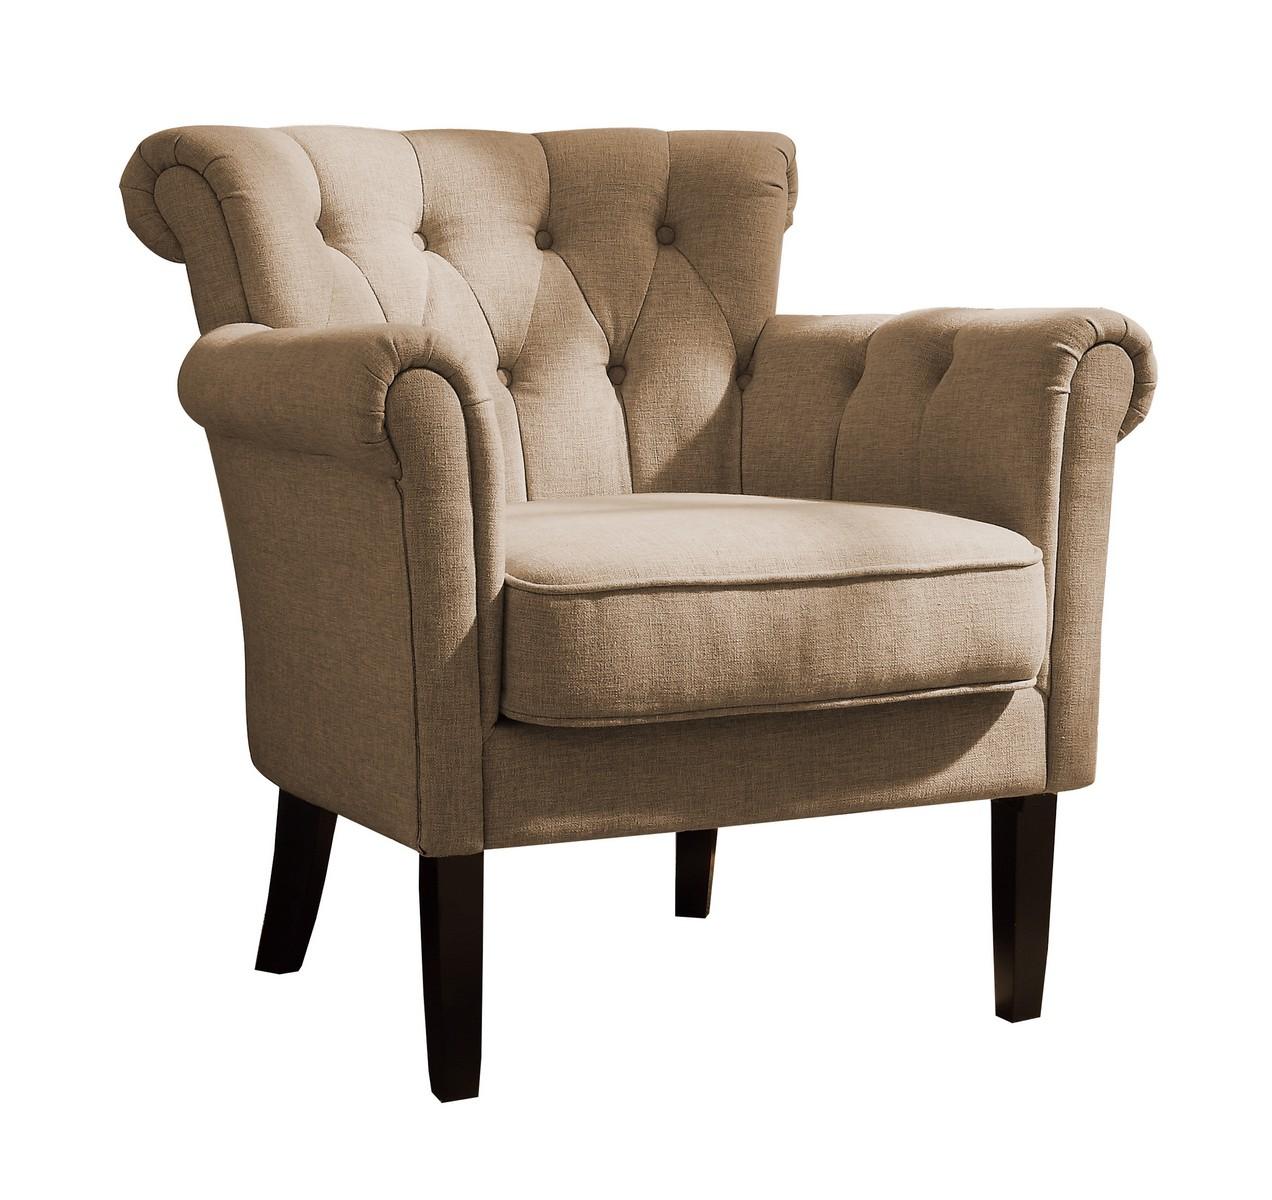 Homelegance Barlowe Accent Chair - Oatmeal